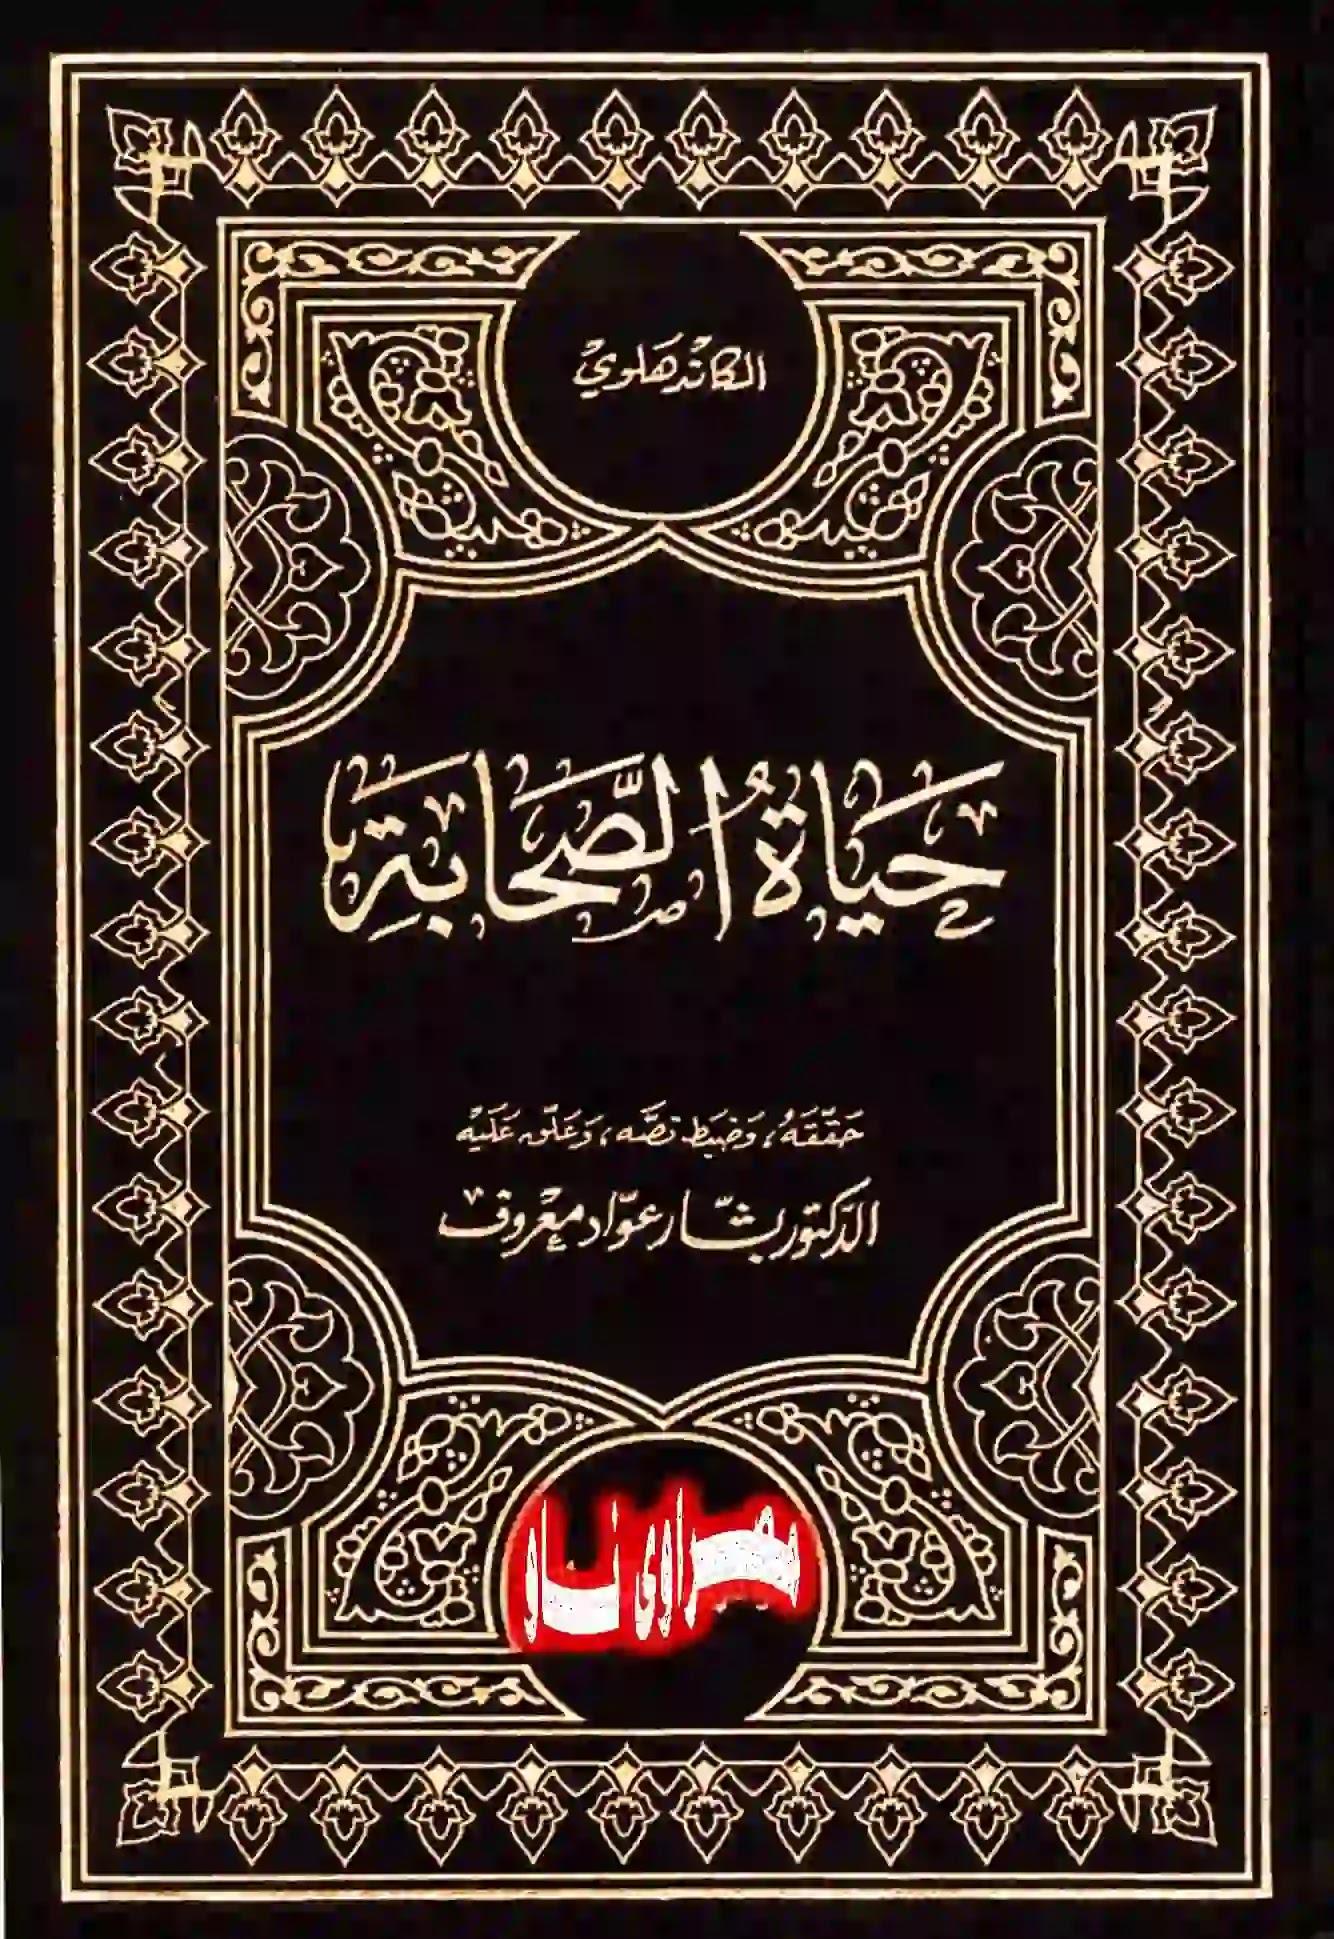 كتاب حياة الصحابة لفضيلة الشيخ محمد يوسف الكاندهلوى